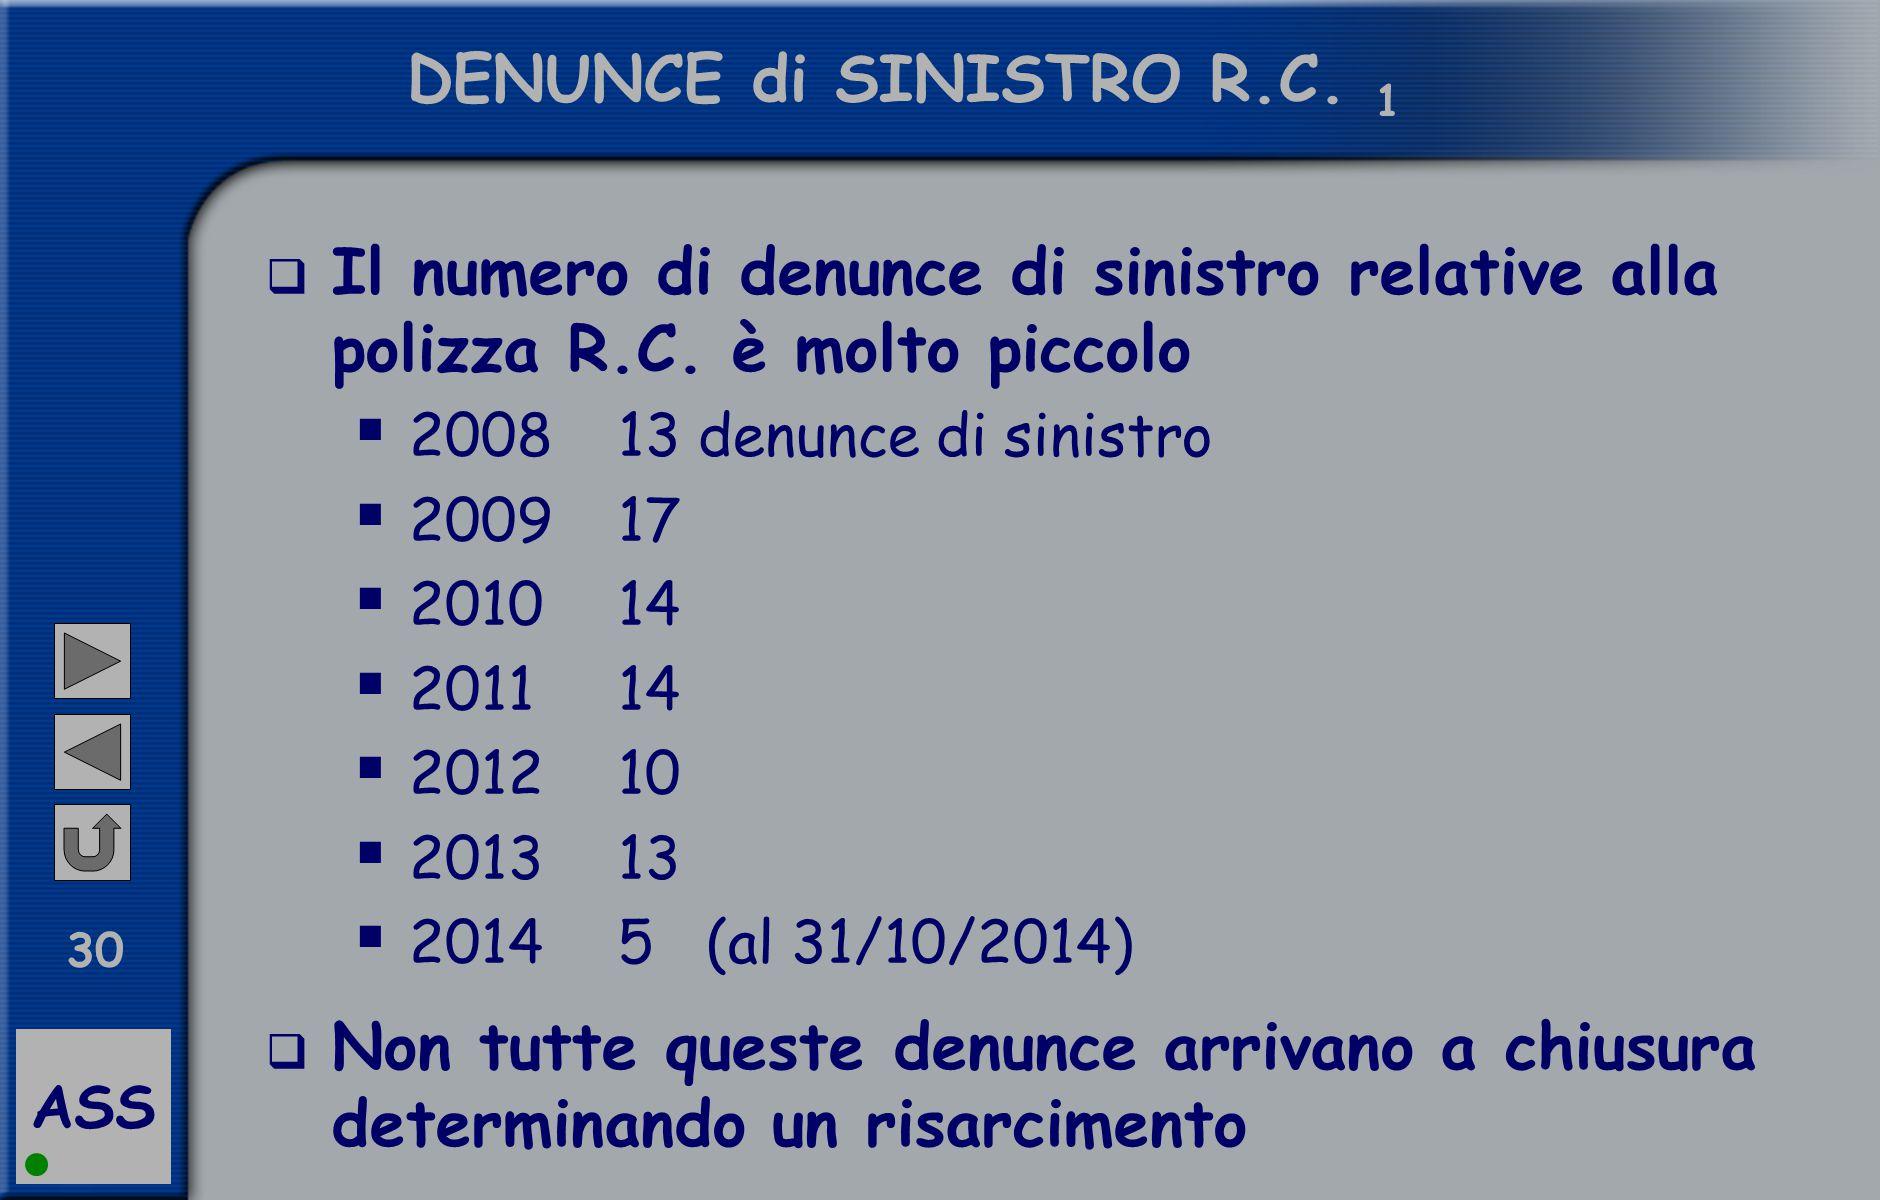 ASS 30 DENUNCE di SINISTRO R.C.1  Il numero di denunce di sinistro relative alla polizza R.C.